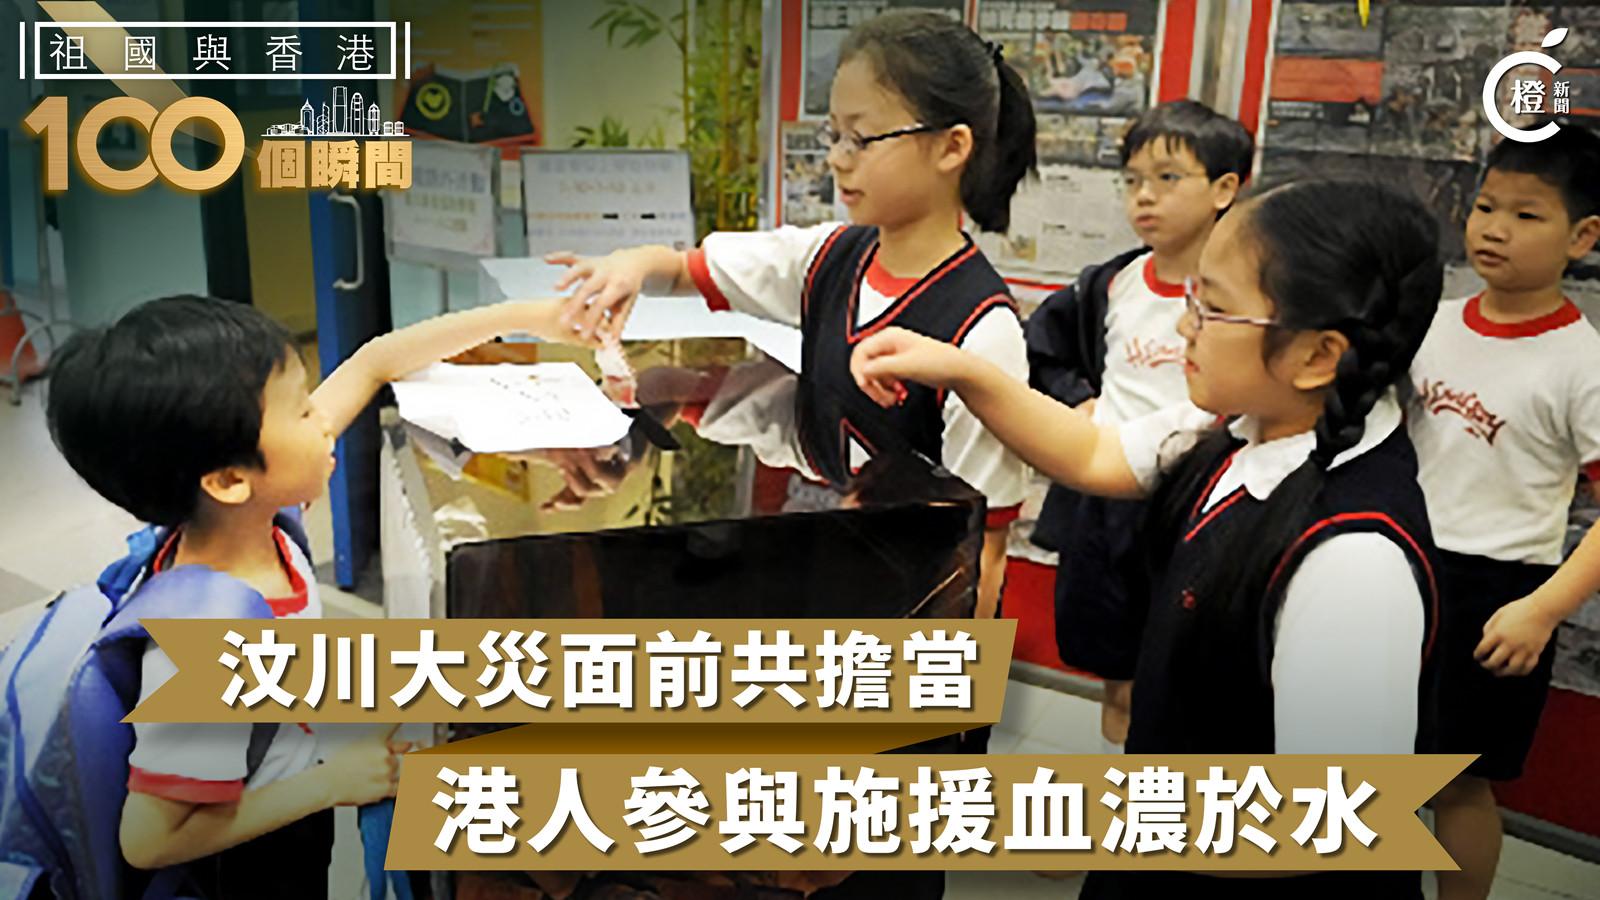 【祖國與香港100個瞬間】汶川大災面前共擔當 港人參與賑災血濃於水